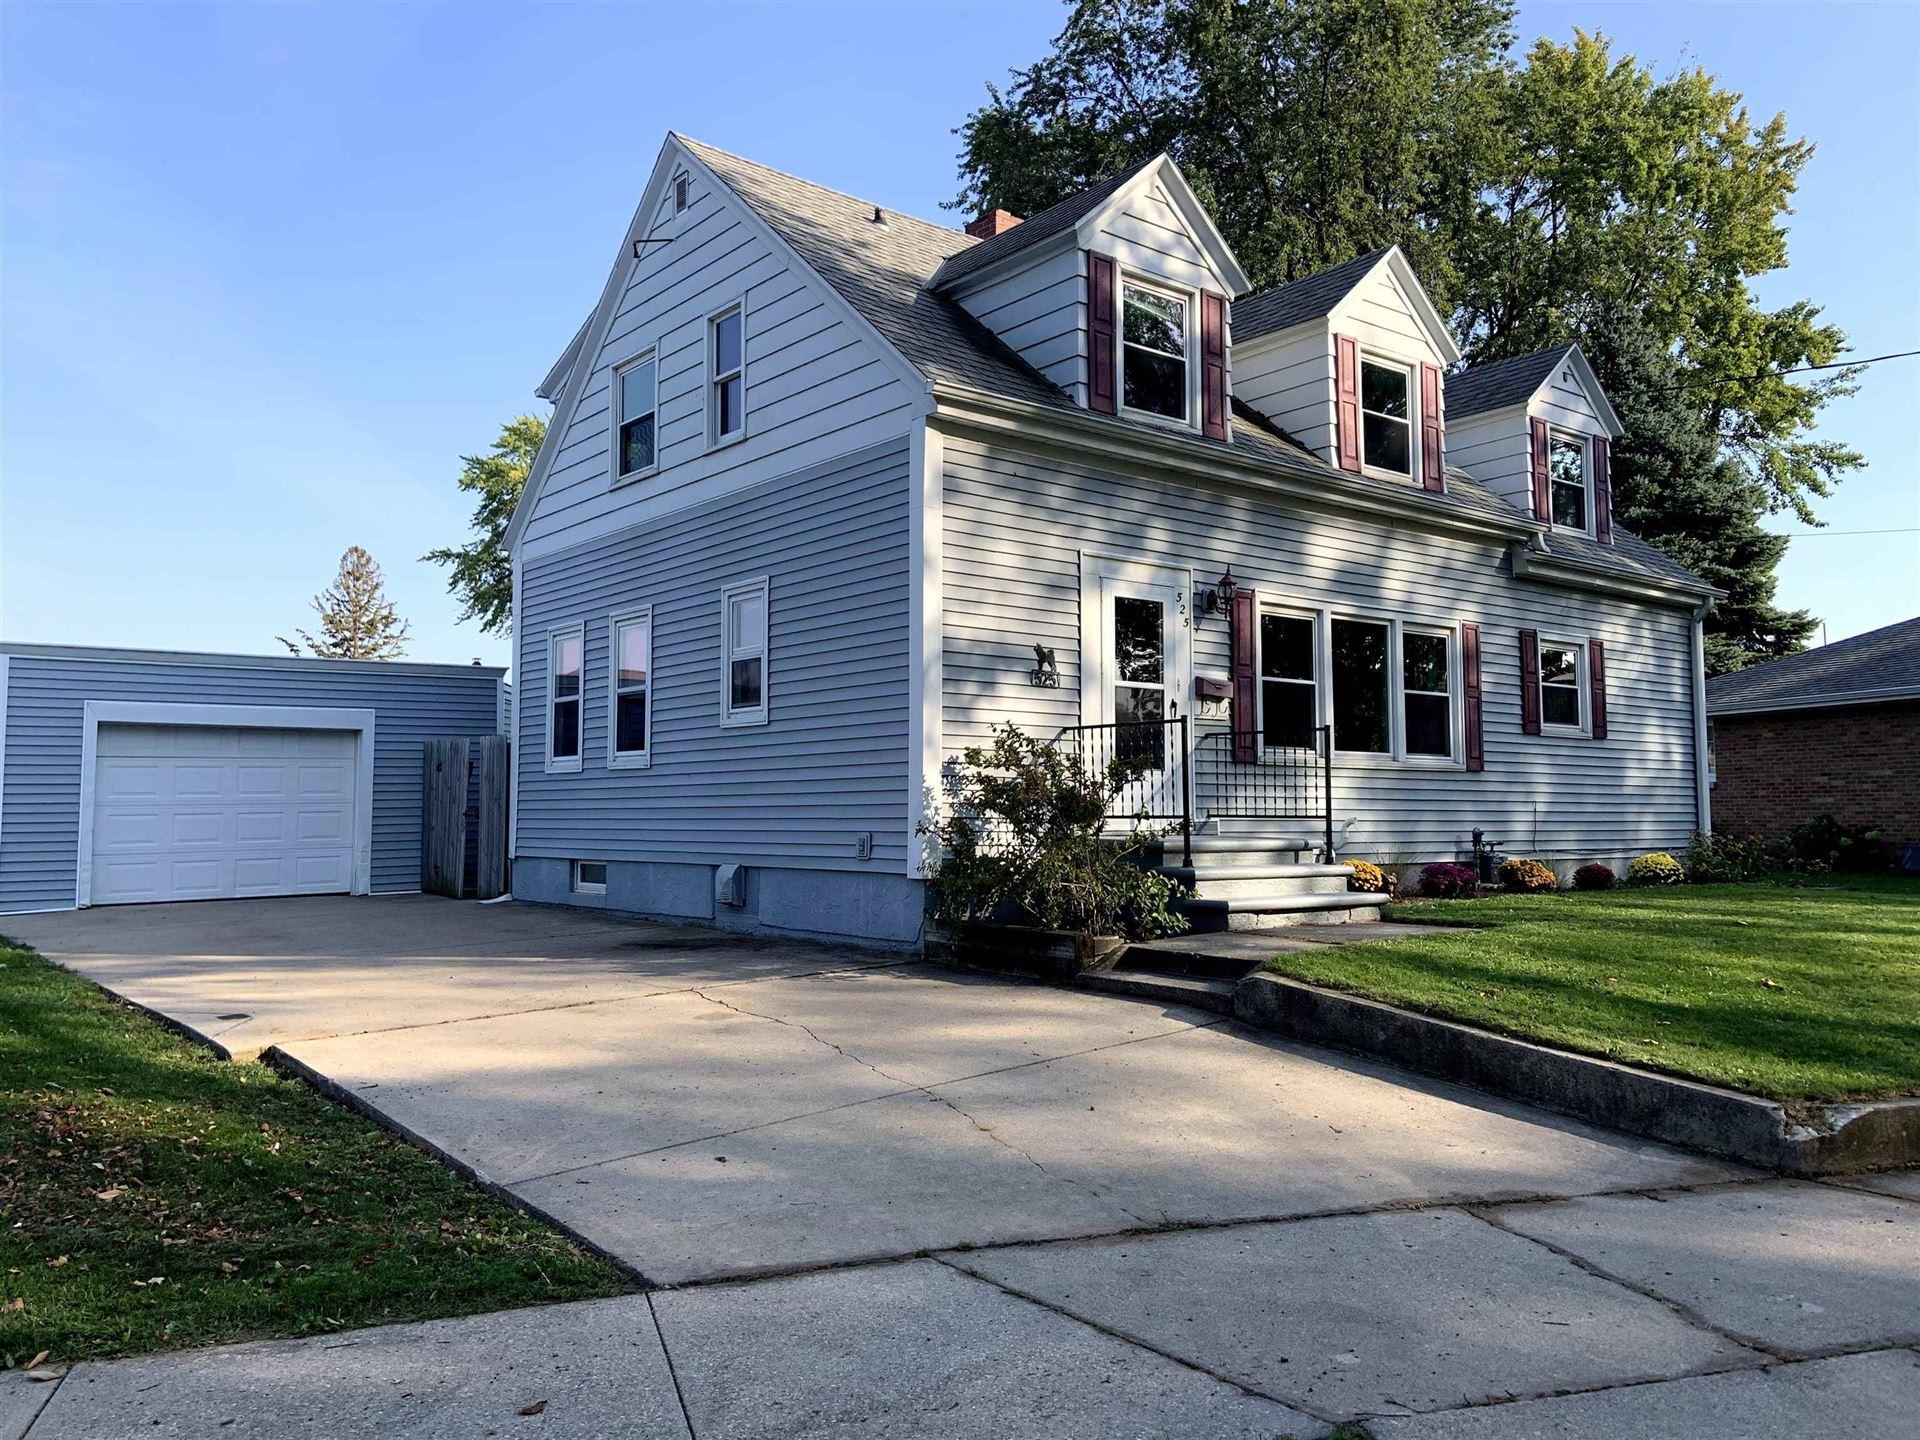 525 SCHOEN Street, Green Bay, WI 54302 - MLS#: 50249266